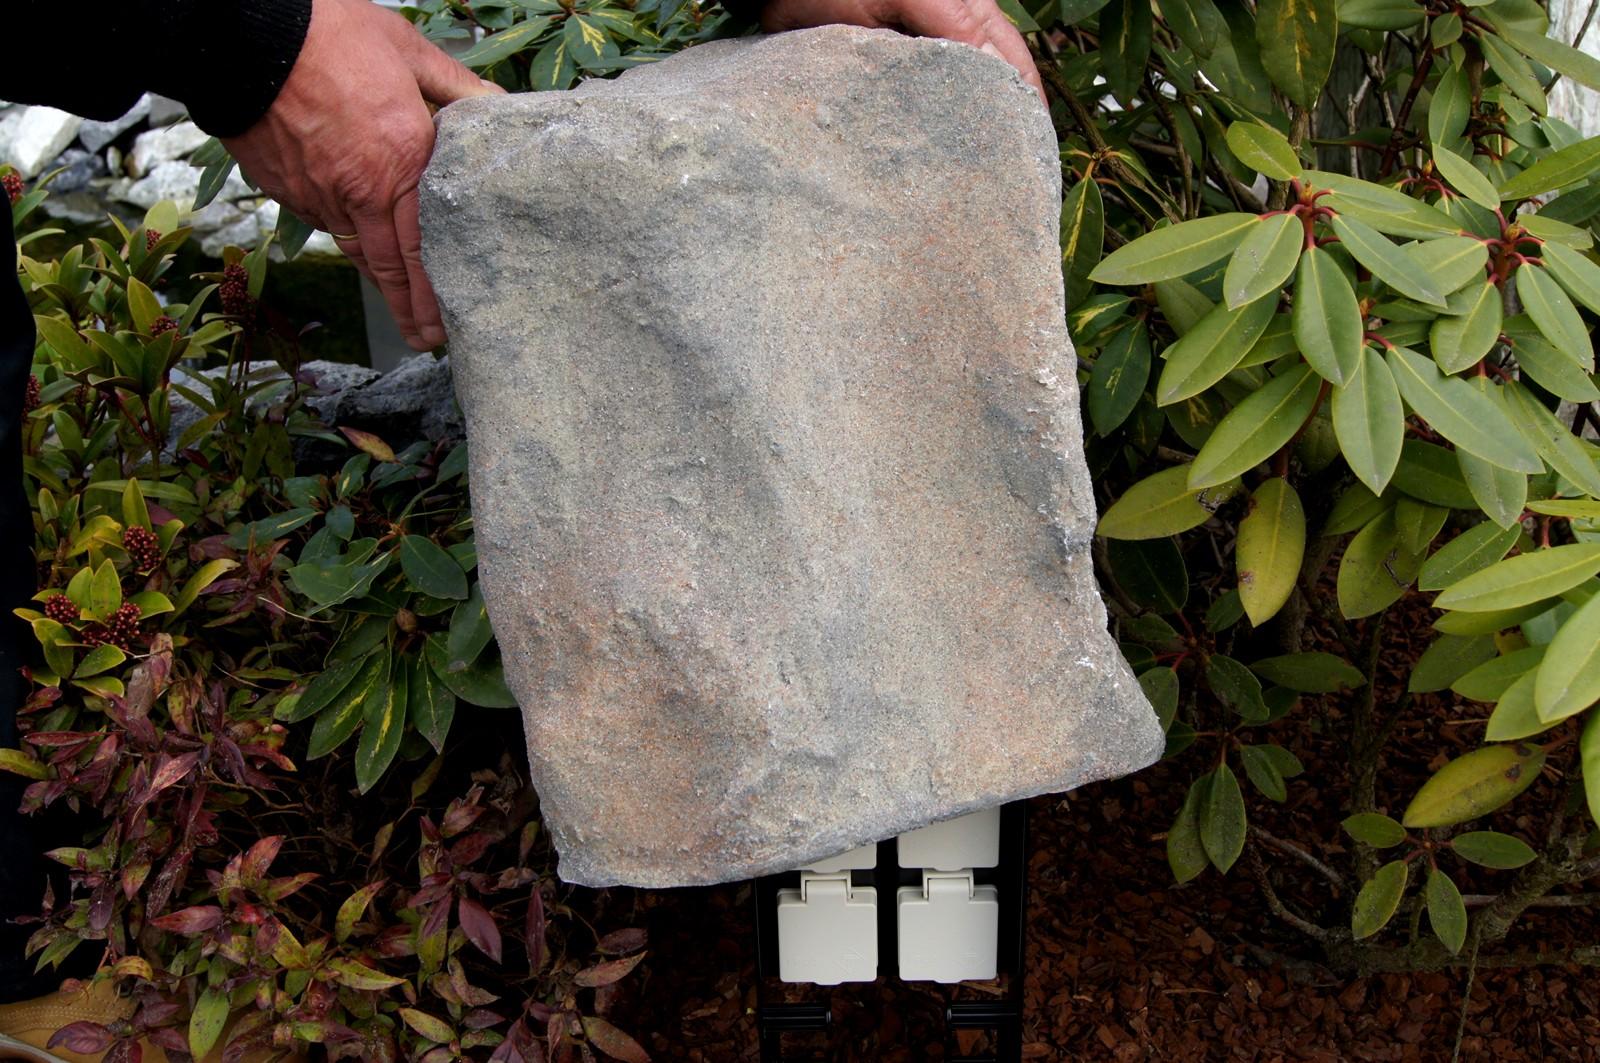 abdeckstein f r oase fm master sandstein strom im garten oase oase. Black Bedroom Furniture Sets. Home Design Ideas